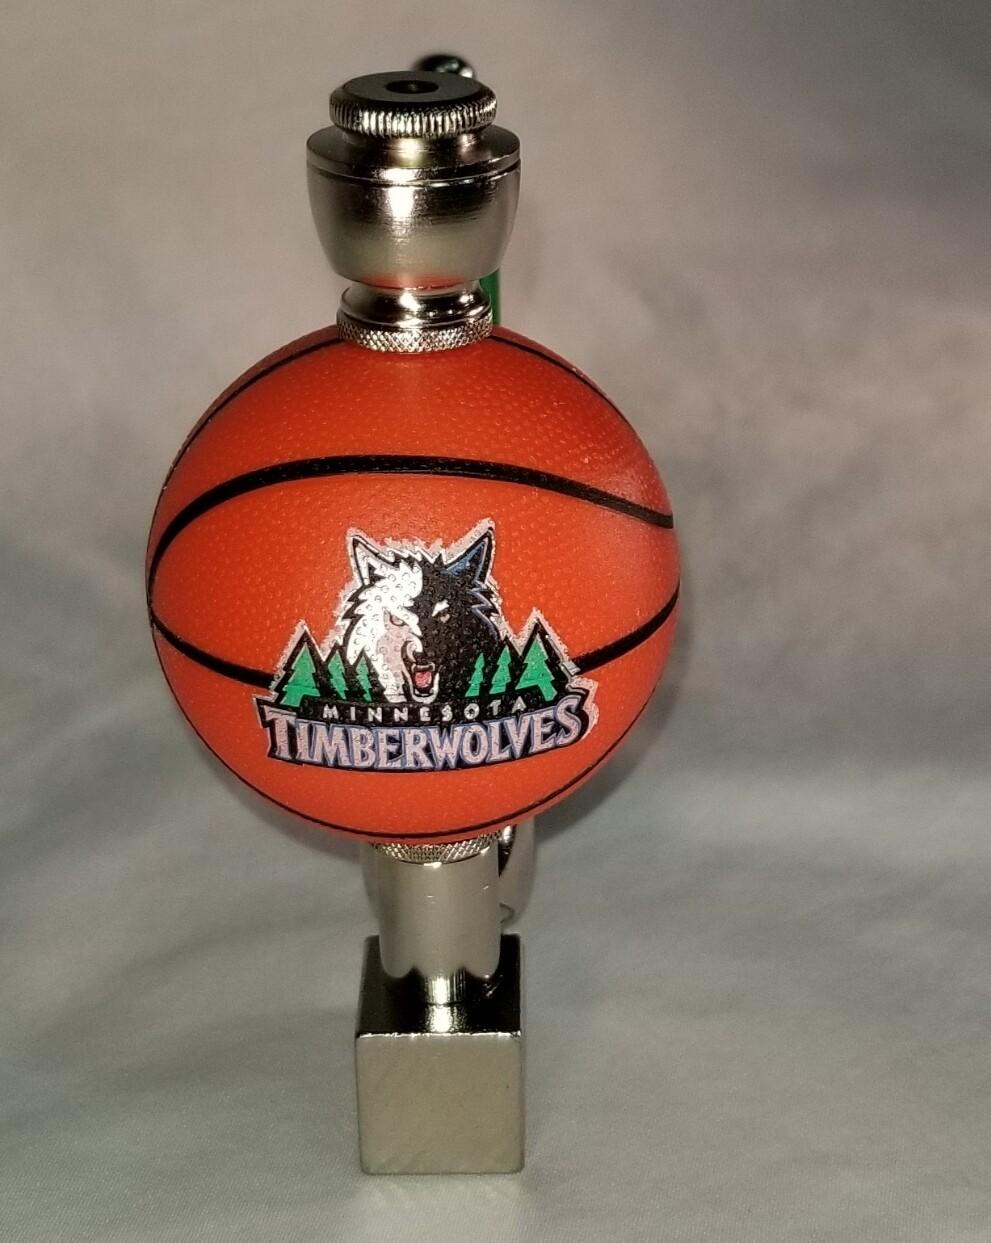 MINNISOTA TIMBERWOLVES BASKETBALL SMOKING PIPE Wedge/Nickel/